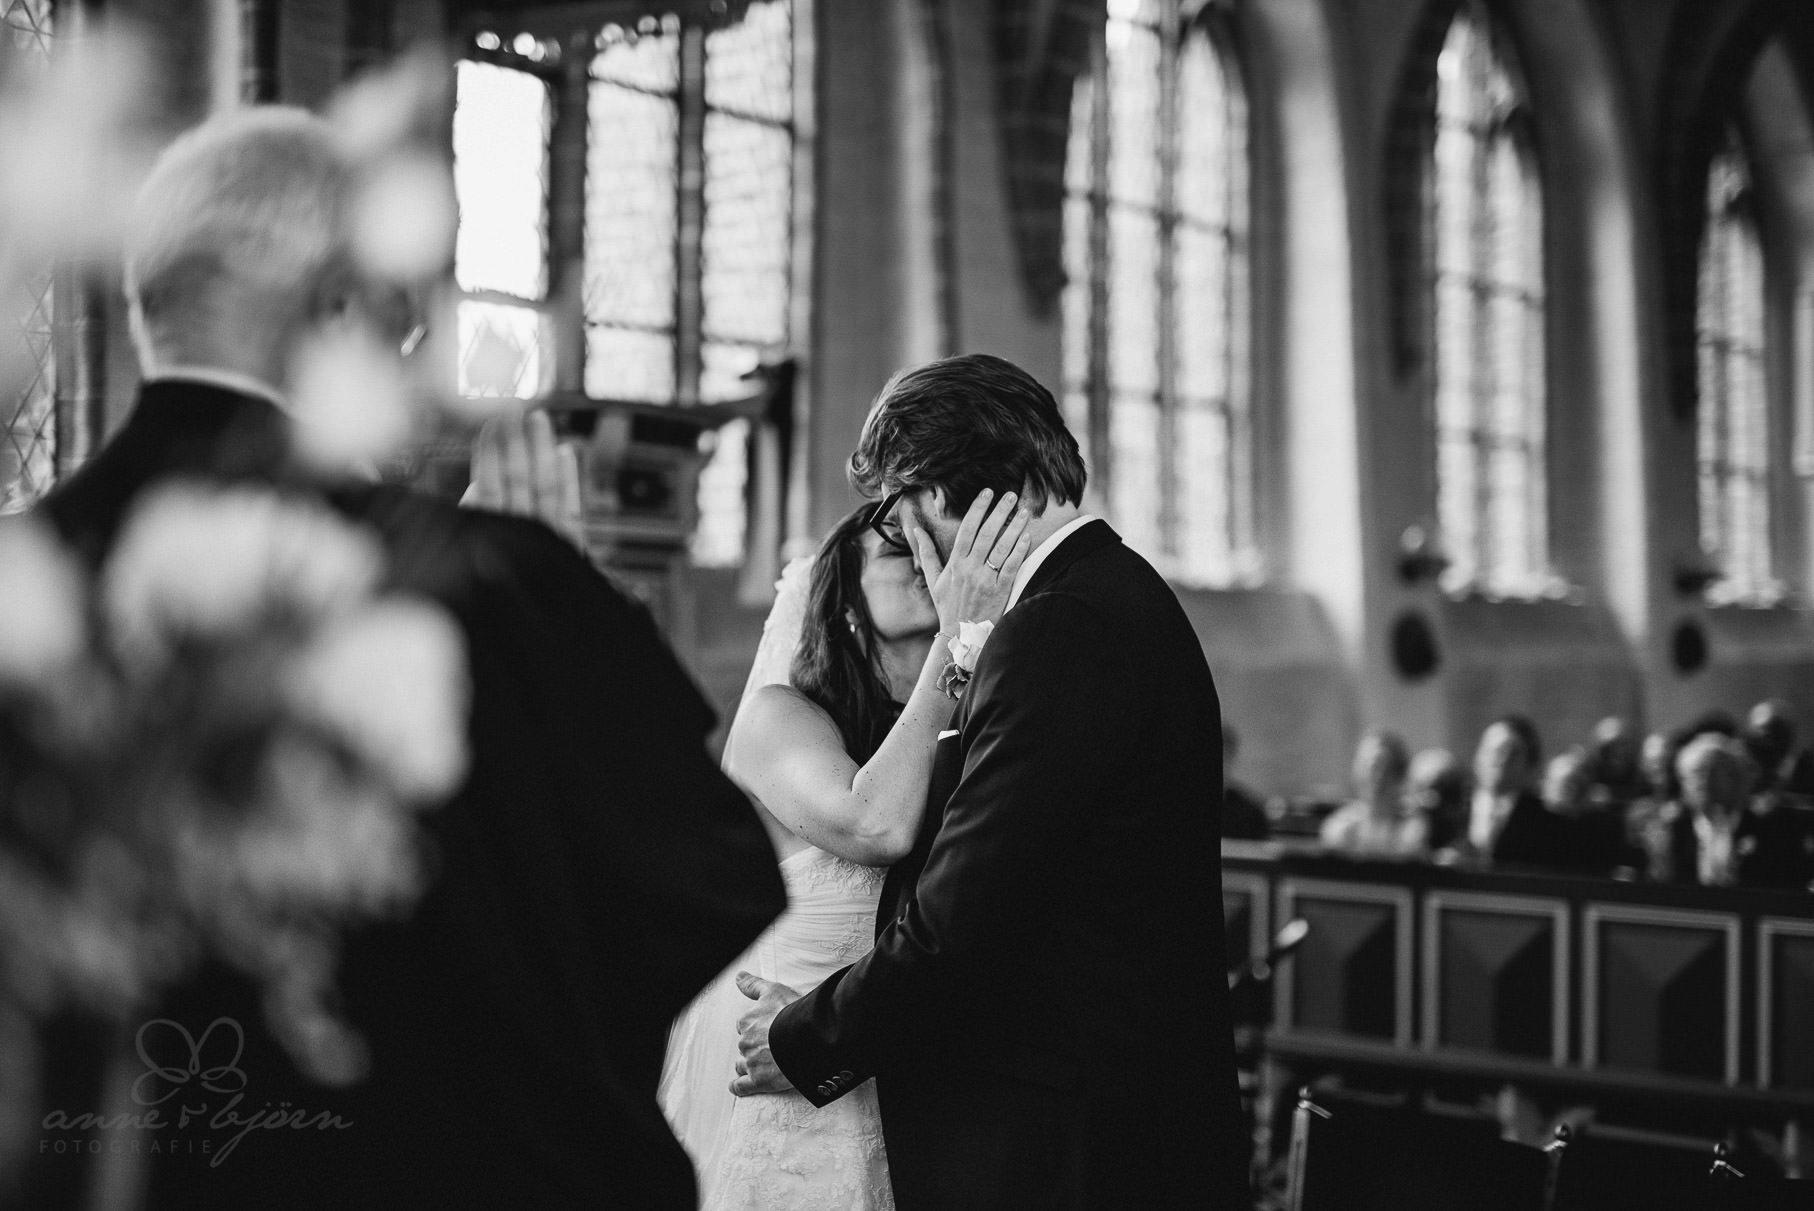 0065 aub 811 5220 - Hochzeit auf Gut Thansen - Anja & Björn